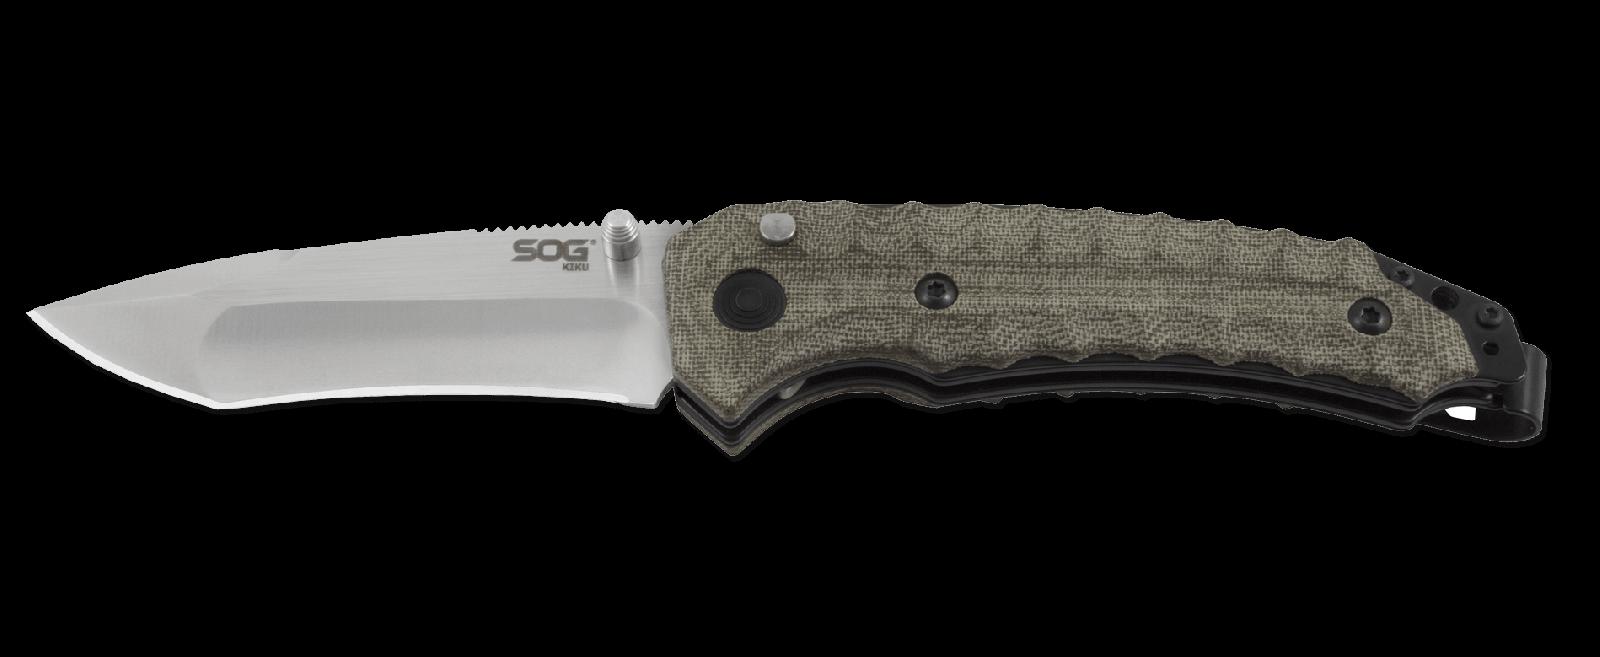 Складной нож Kiku Assisted - SOG KU-3001, сталь VG-10, рукоять микарта, зелёный